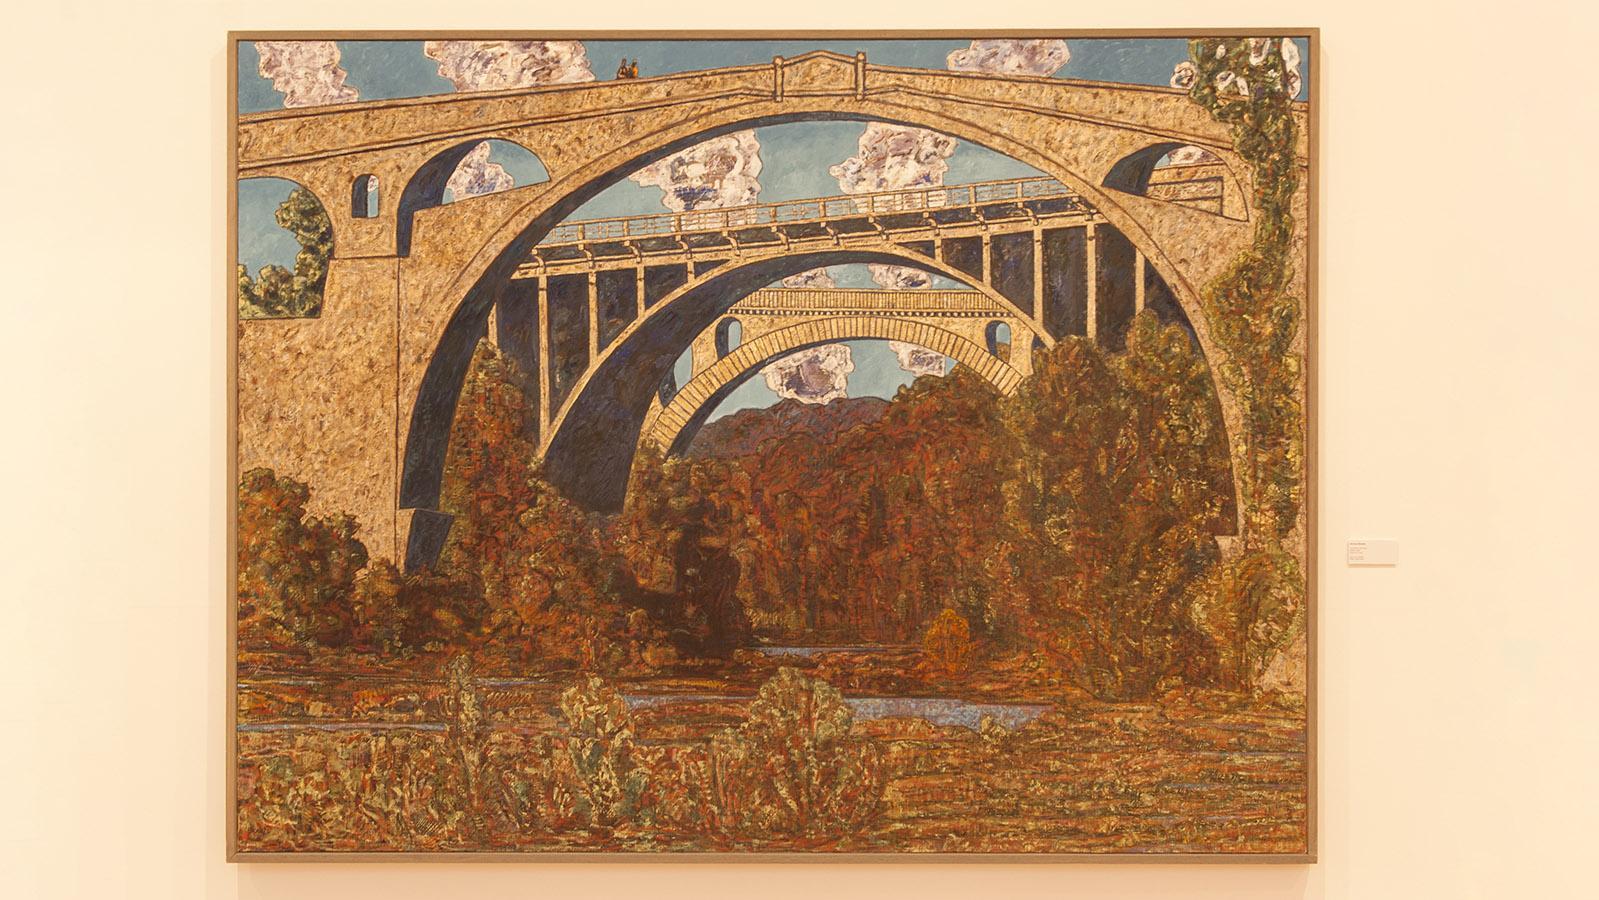 <em>Les ponts de Céret</em> - ein Gemälde von Vincent Bioulès, ausgestellt im Kunstmuseum von Céret. Foto: Hilke Maunder